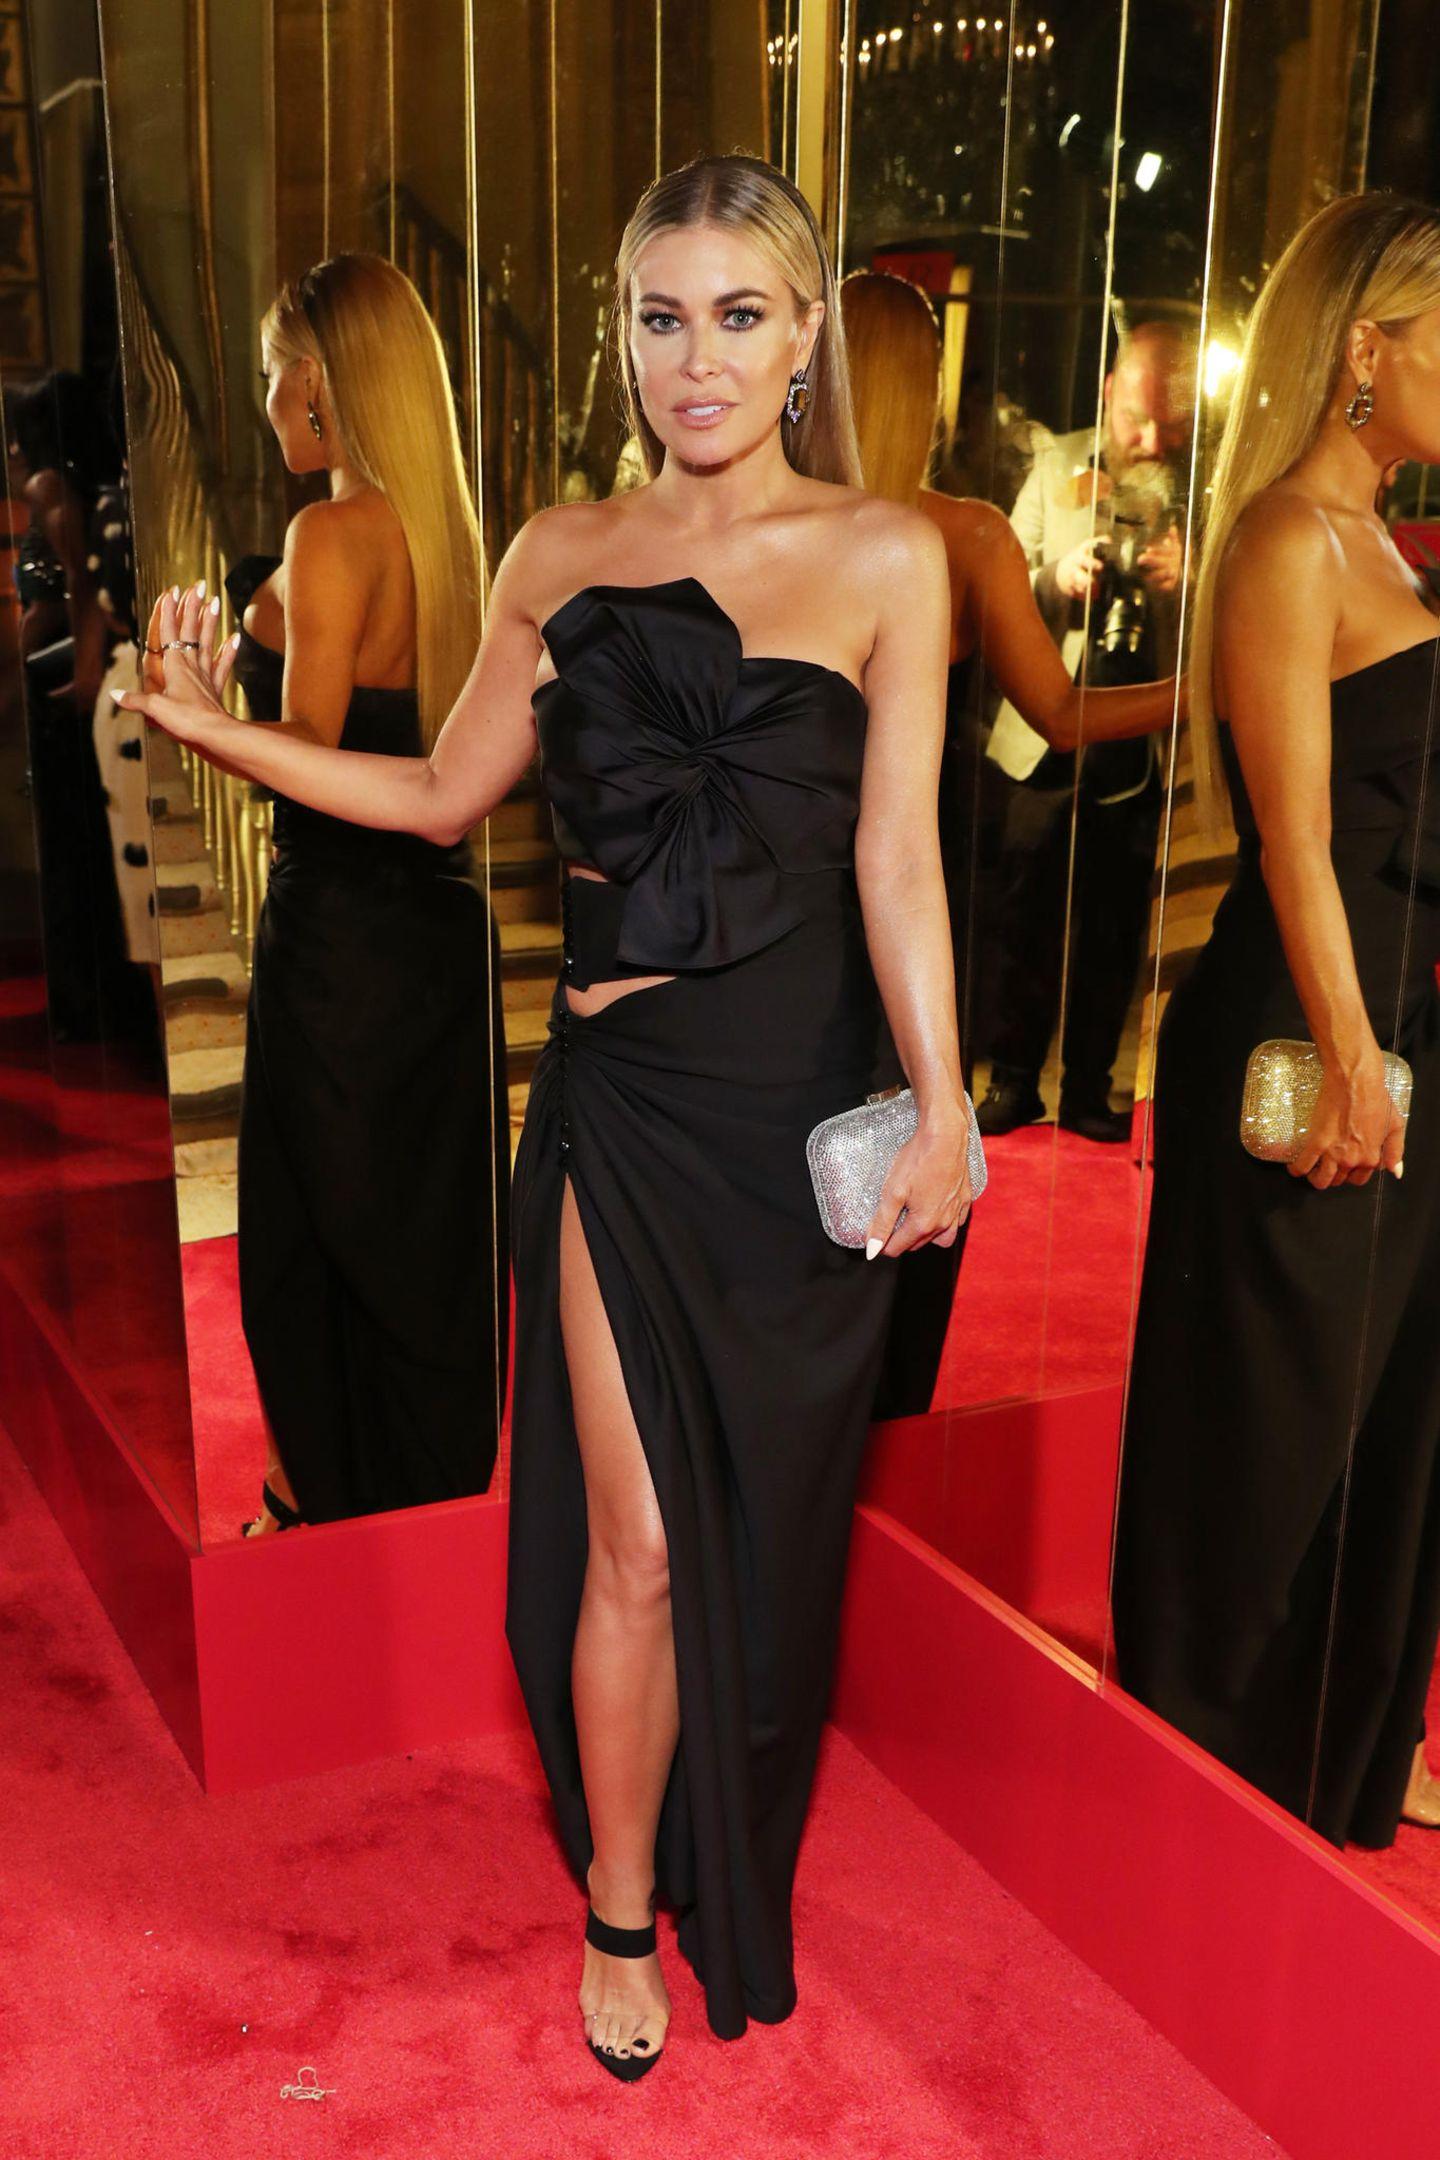 Für die Fashion-Party hat sich auch Carmen Electra hübsch verpackt.